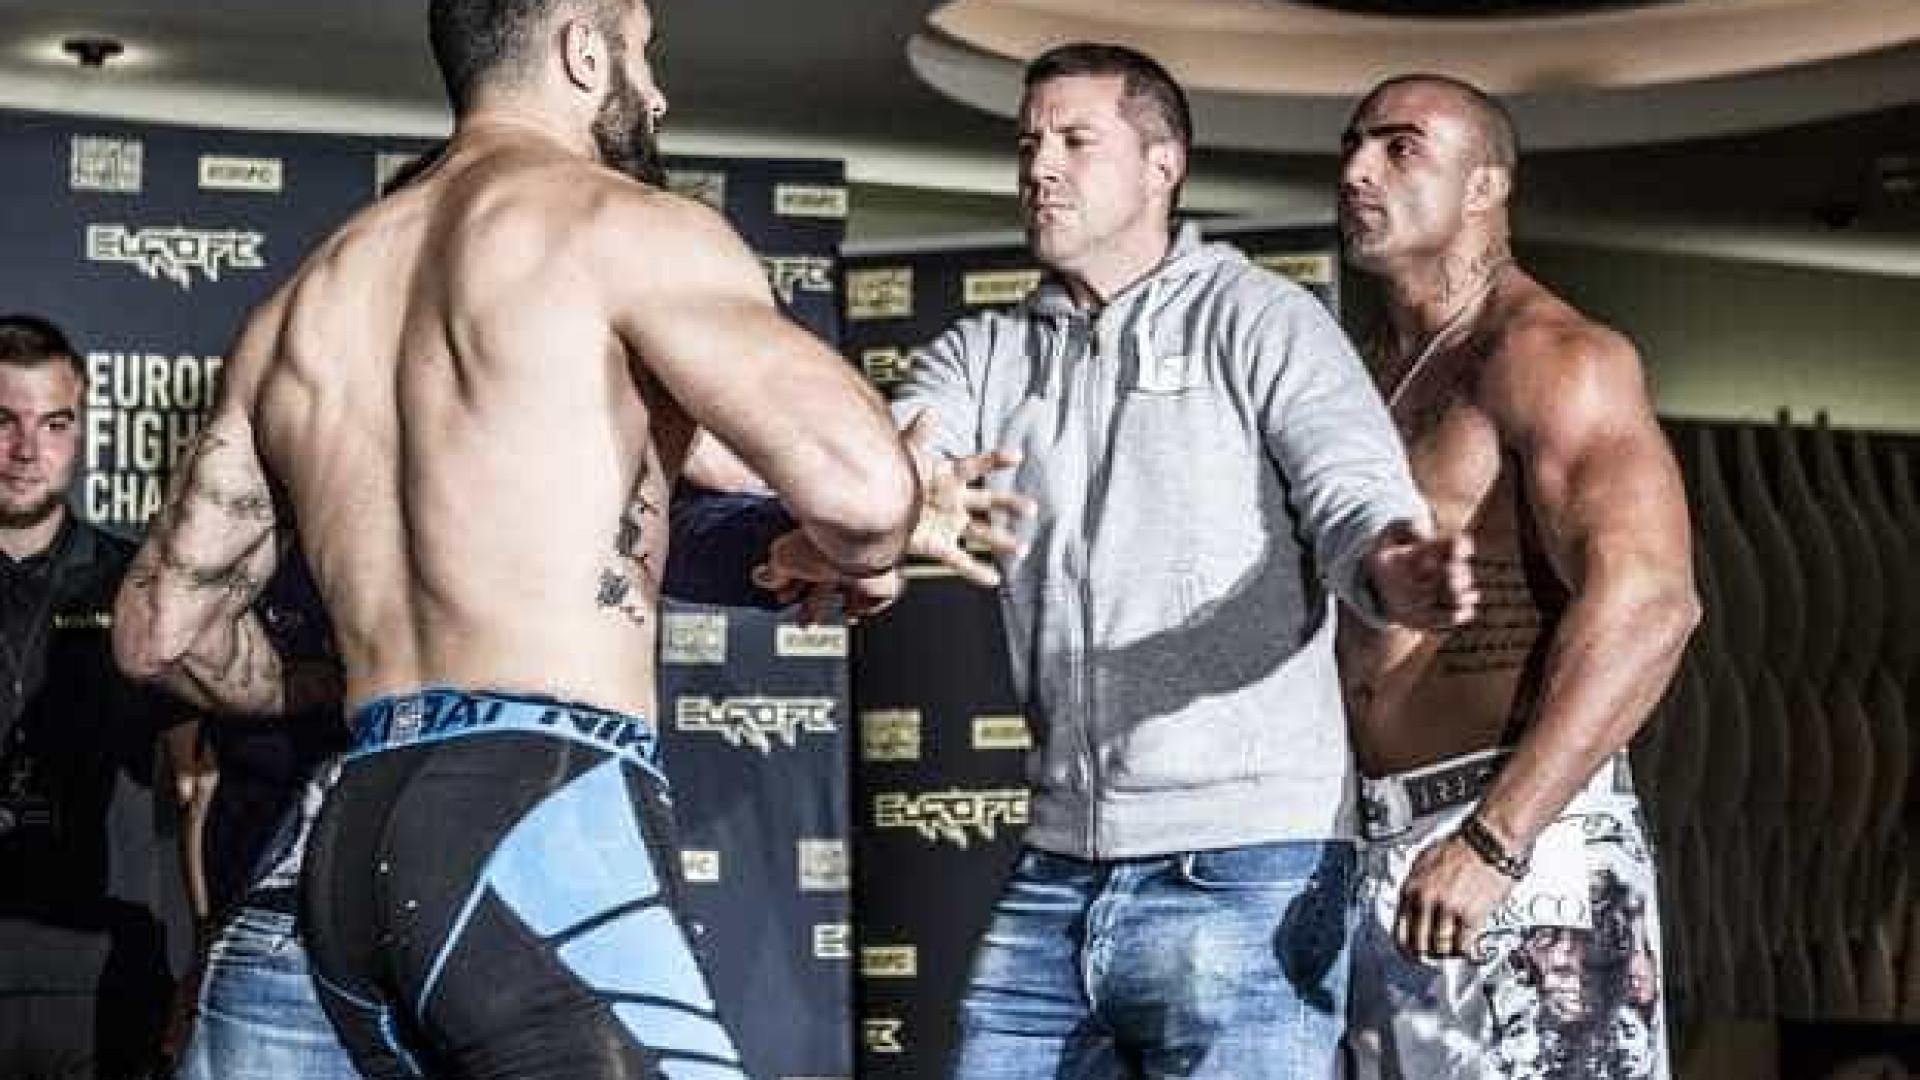 Brasileiro troca chutes com sueco em  pesagem de MMA; assista